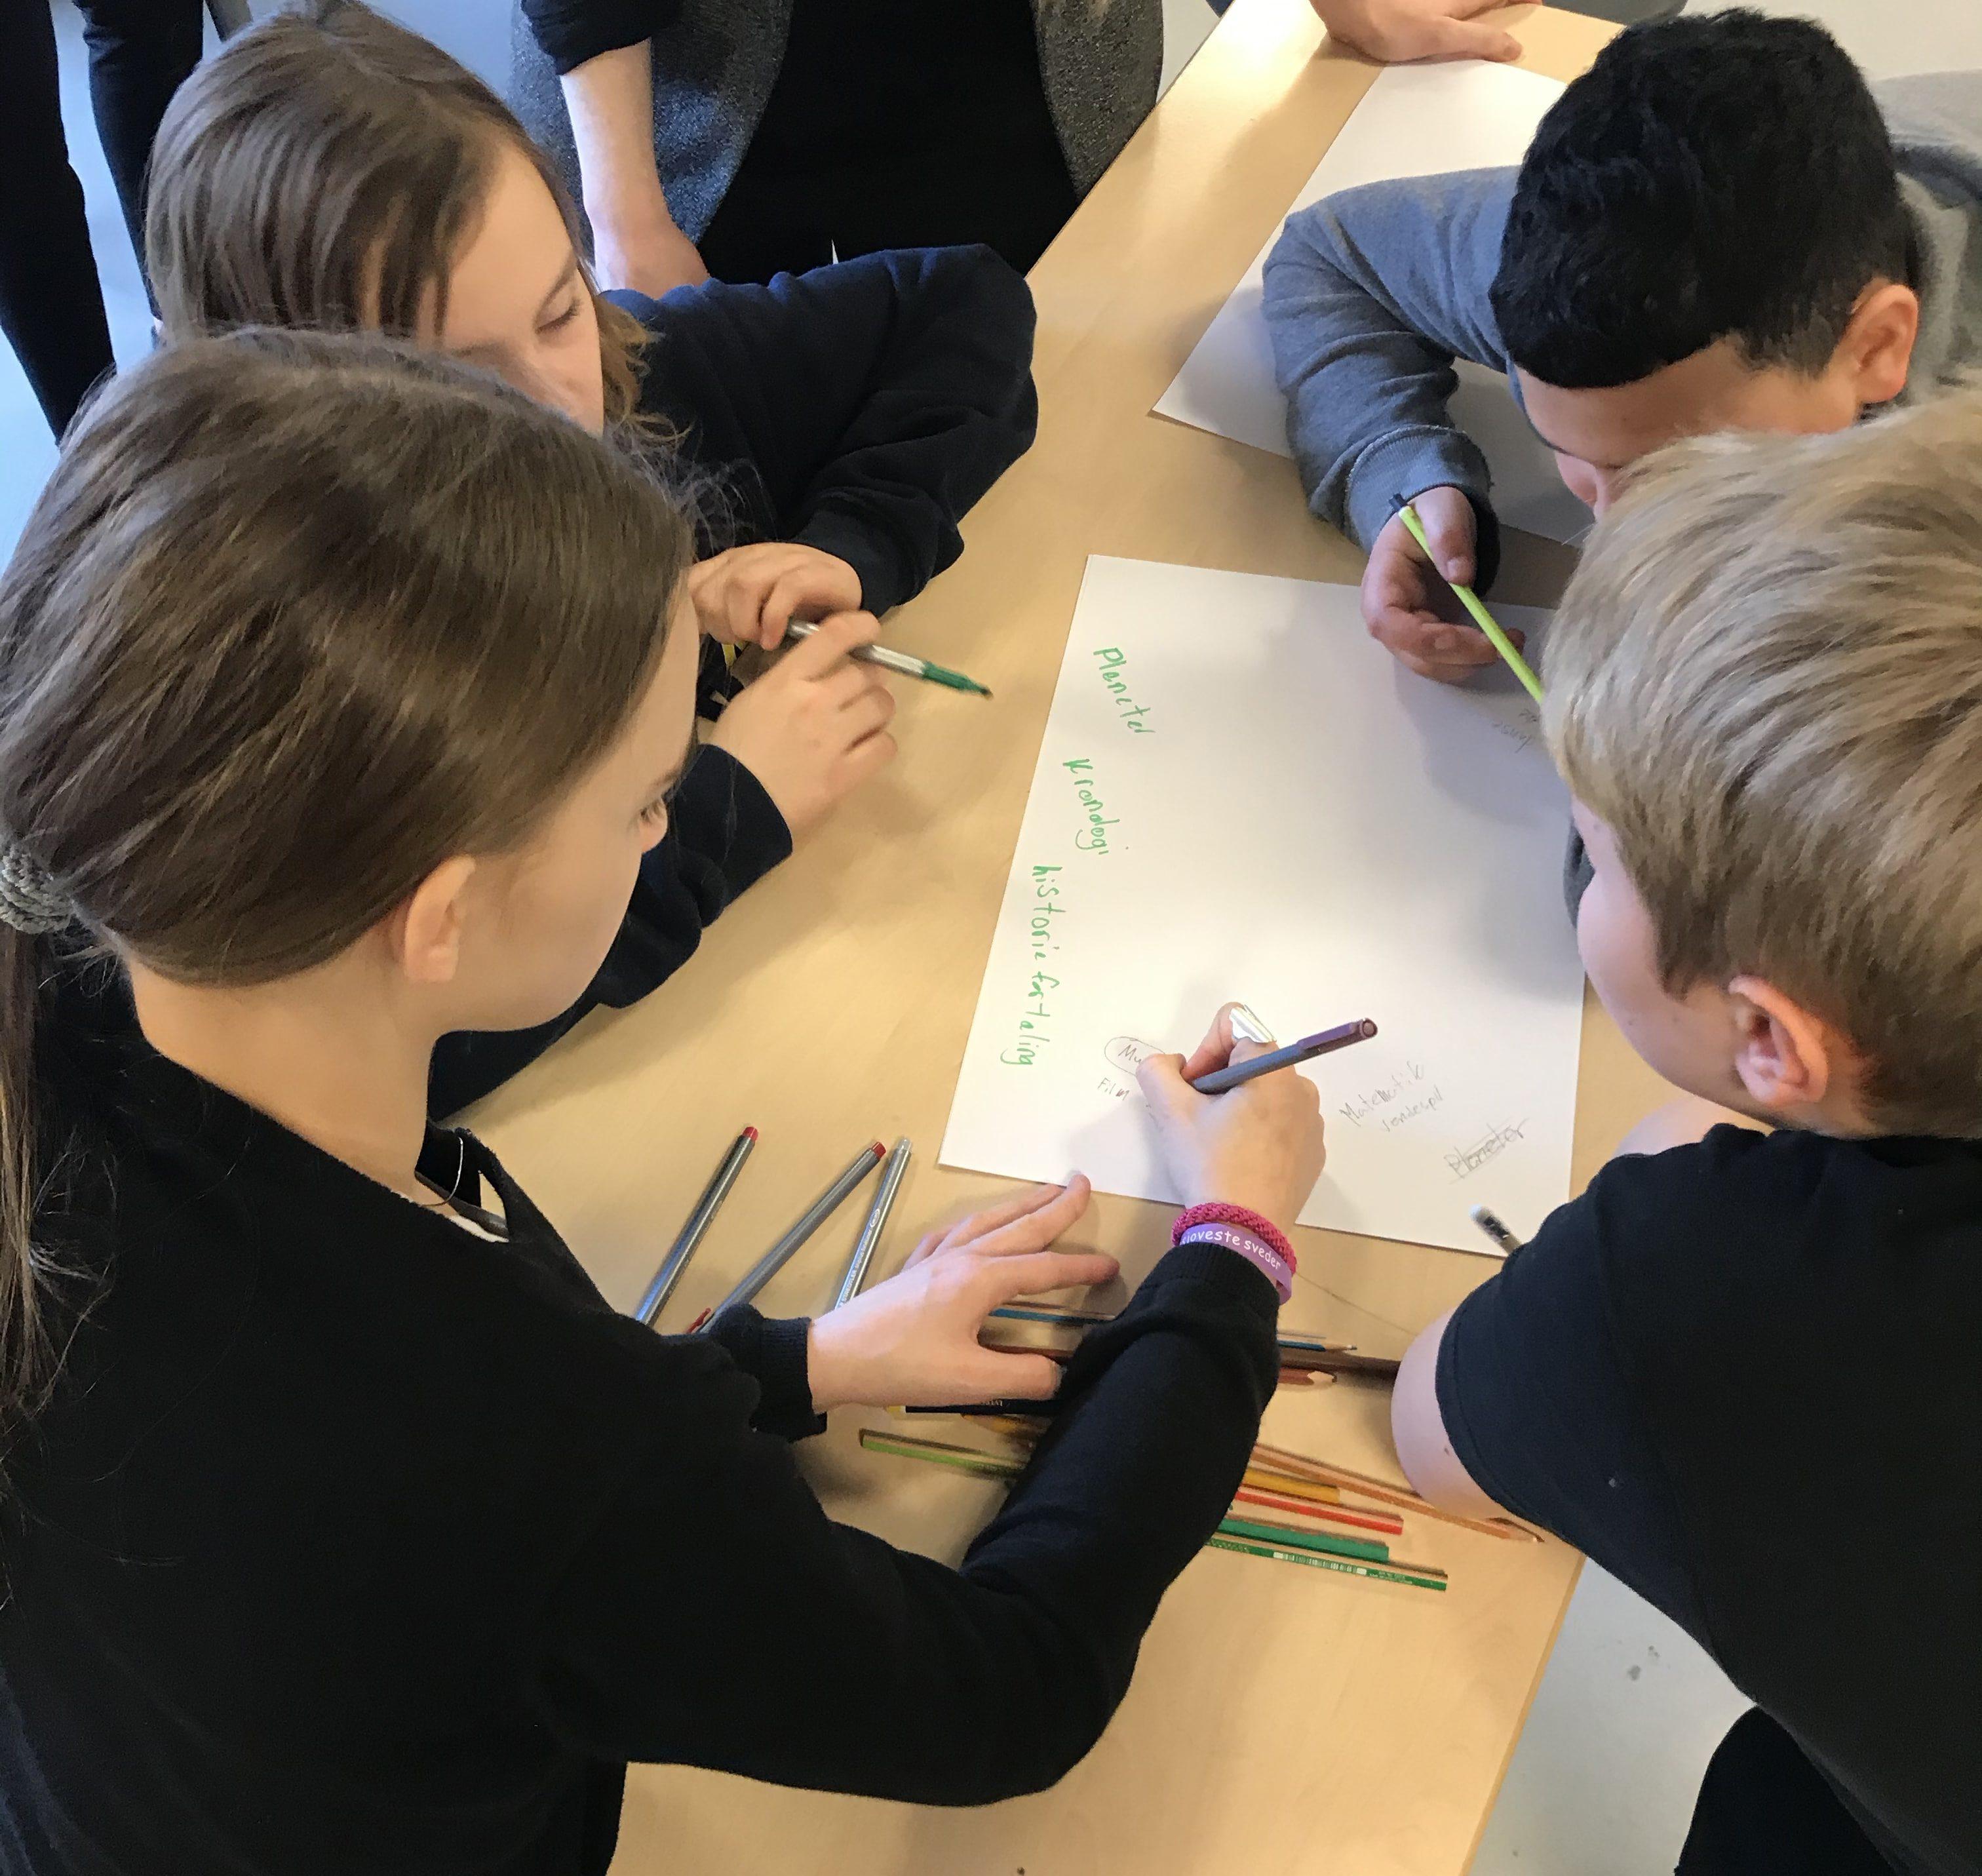 Her er børnene i gang med at finde på spil til Hopspots ved Iværksættermesse 2020